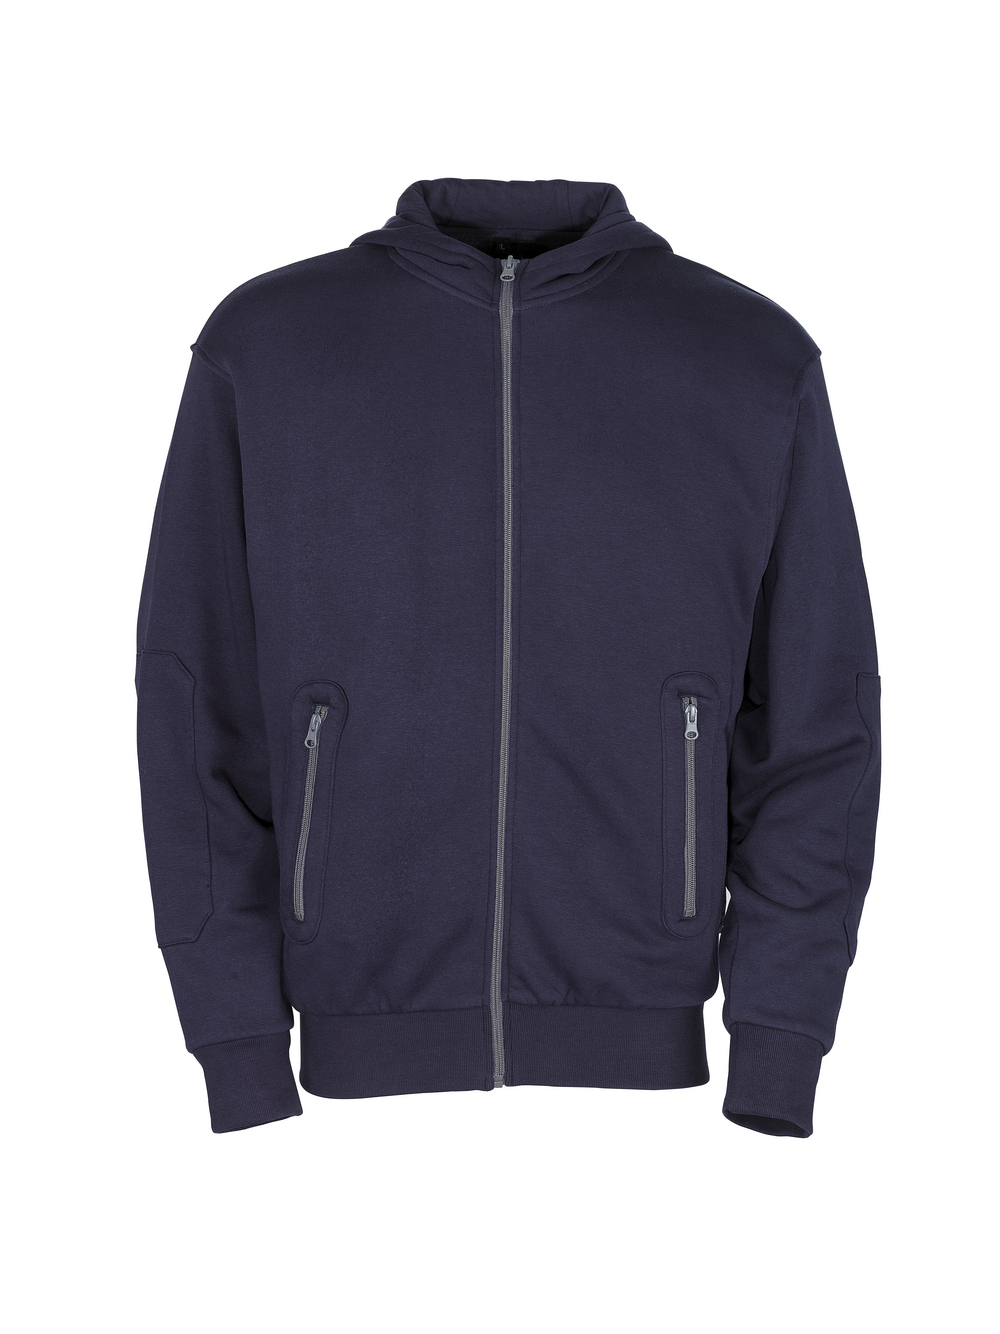 50423-191-01 Hoodie with zipper - navy